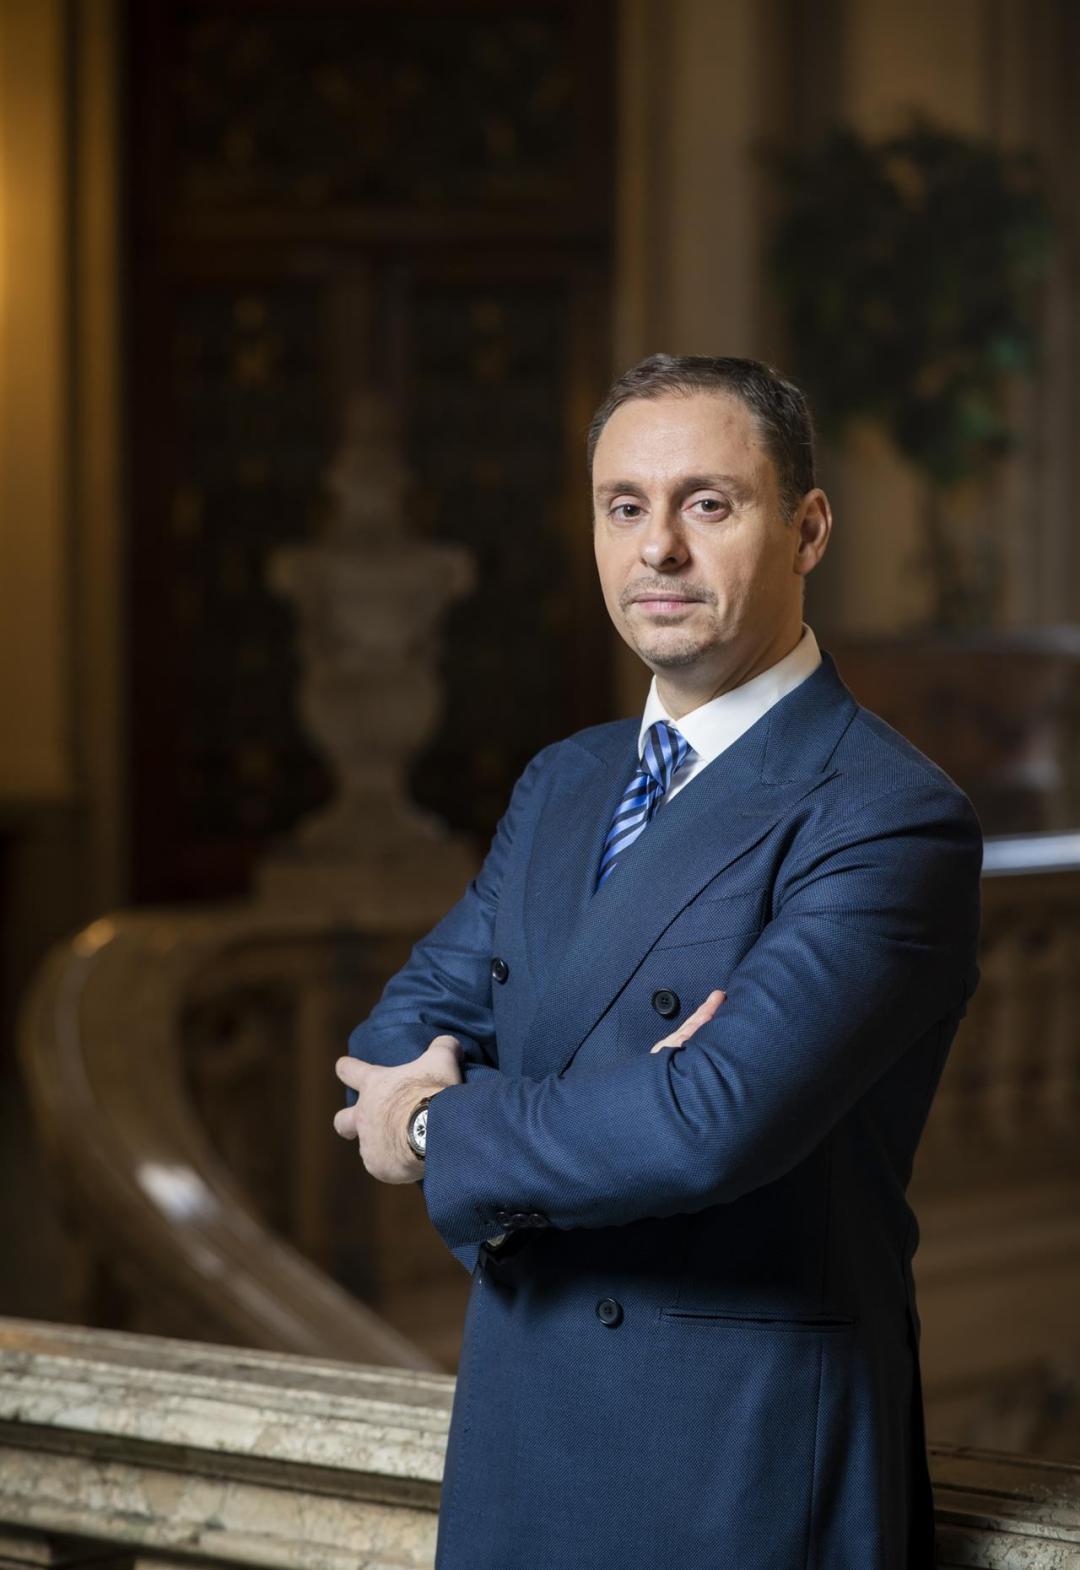 Foto Massimo Lapucci Credit Getty Images Giorgio Perottino